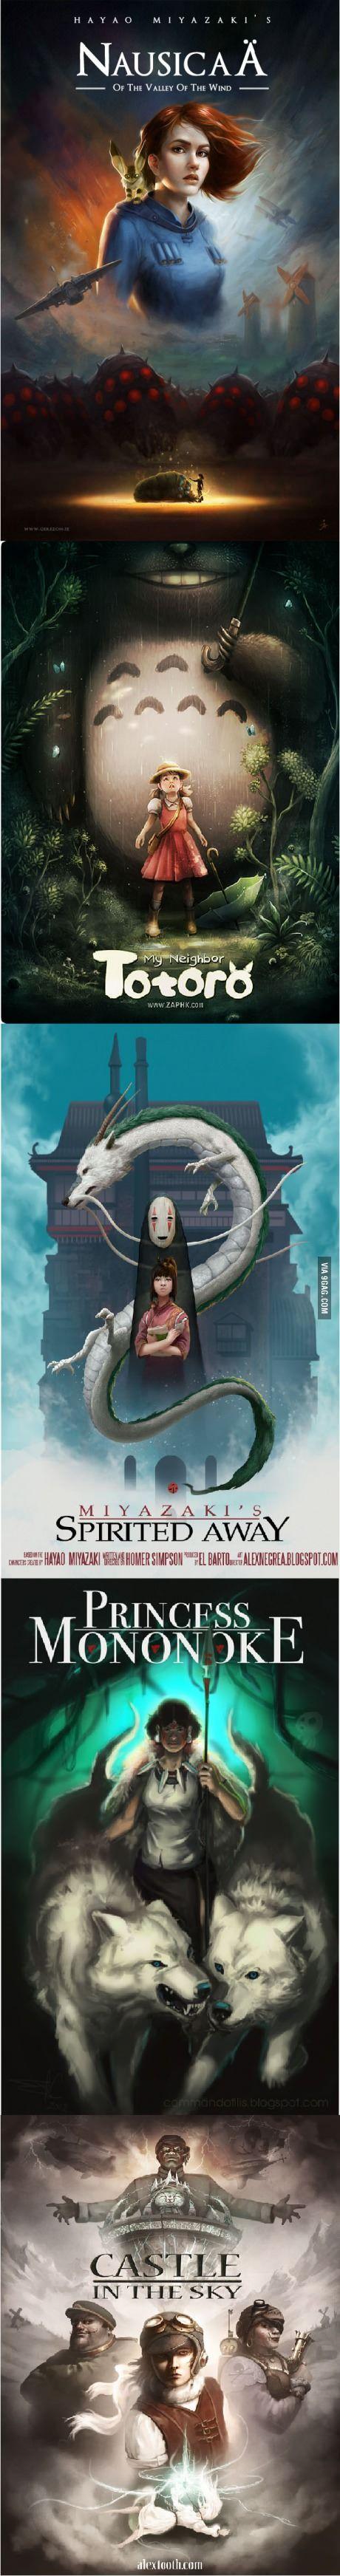 Irgendwie gut gezeichnet... passt zwar nicht zum Stil von Ghibli sieht aber gut aus XD